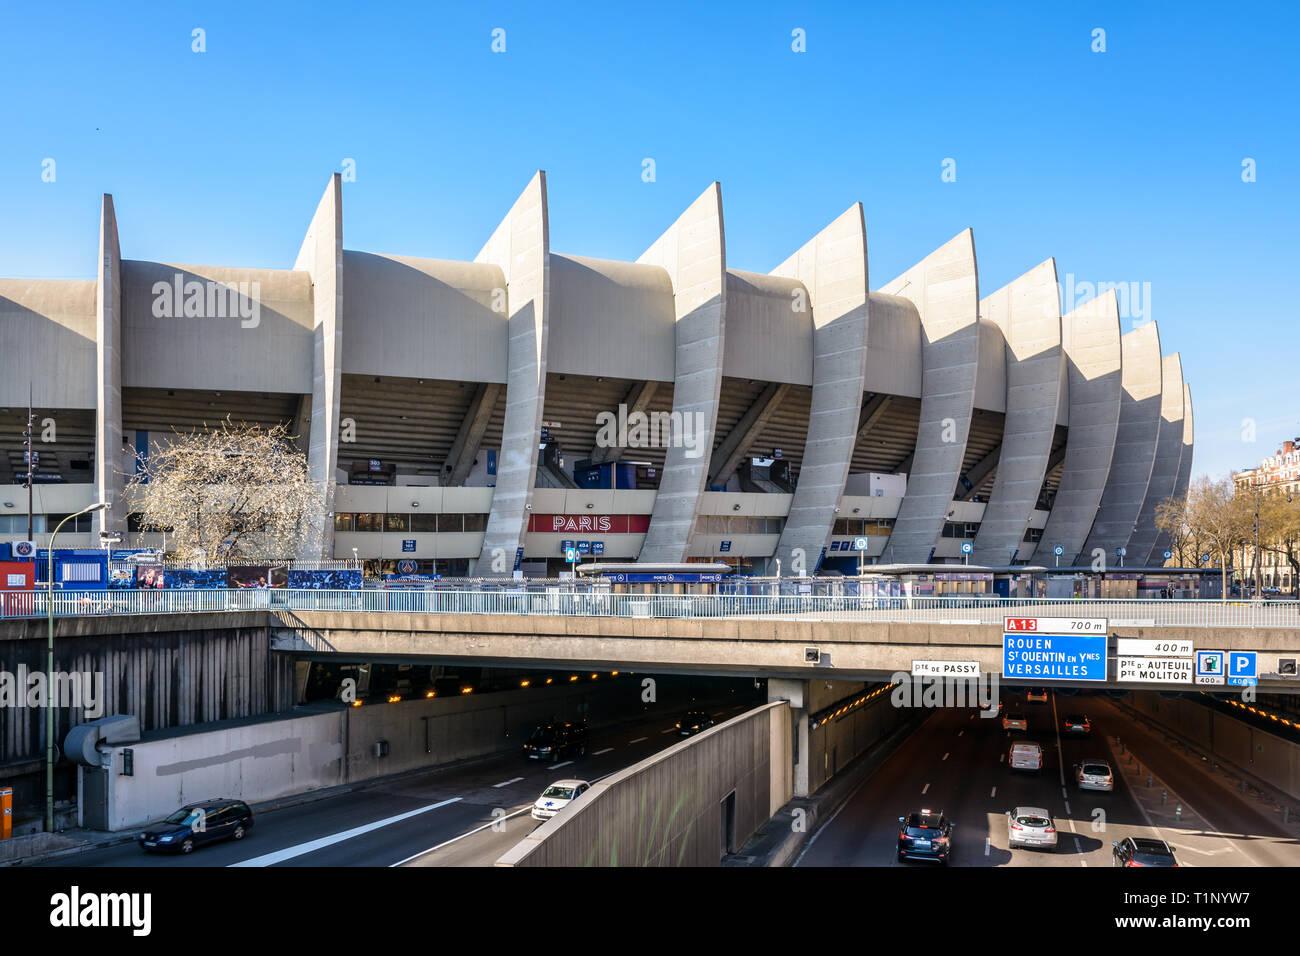 El Estadio Parc Des Princes Estadio Del Paris Saint Germain Psg Club De Futbol Fue Construido En 1972 Y Parcialmente Por Encima De Circunvalacion De Paris Fotografia De Stock Alamy